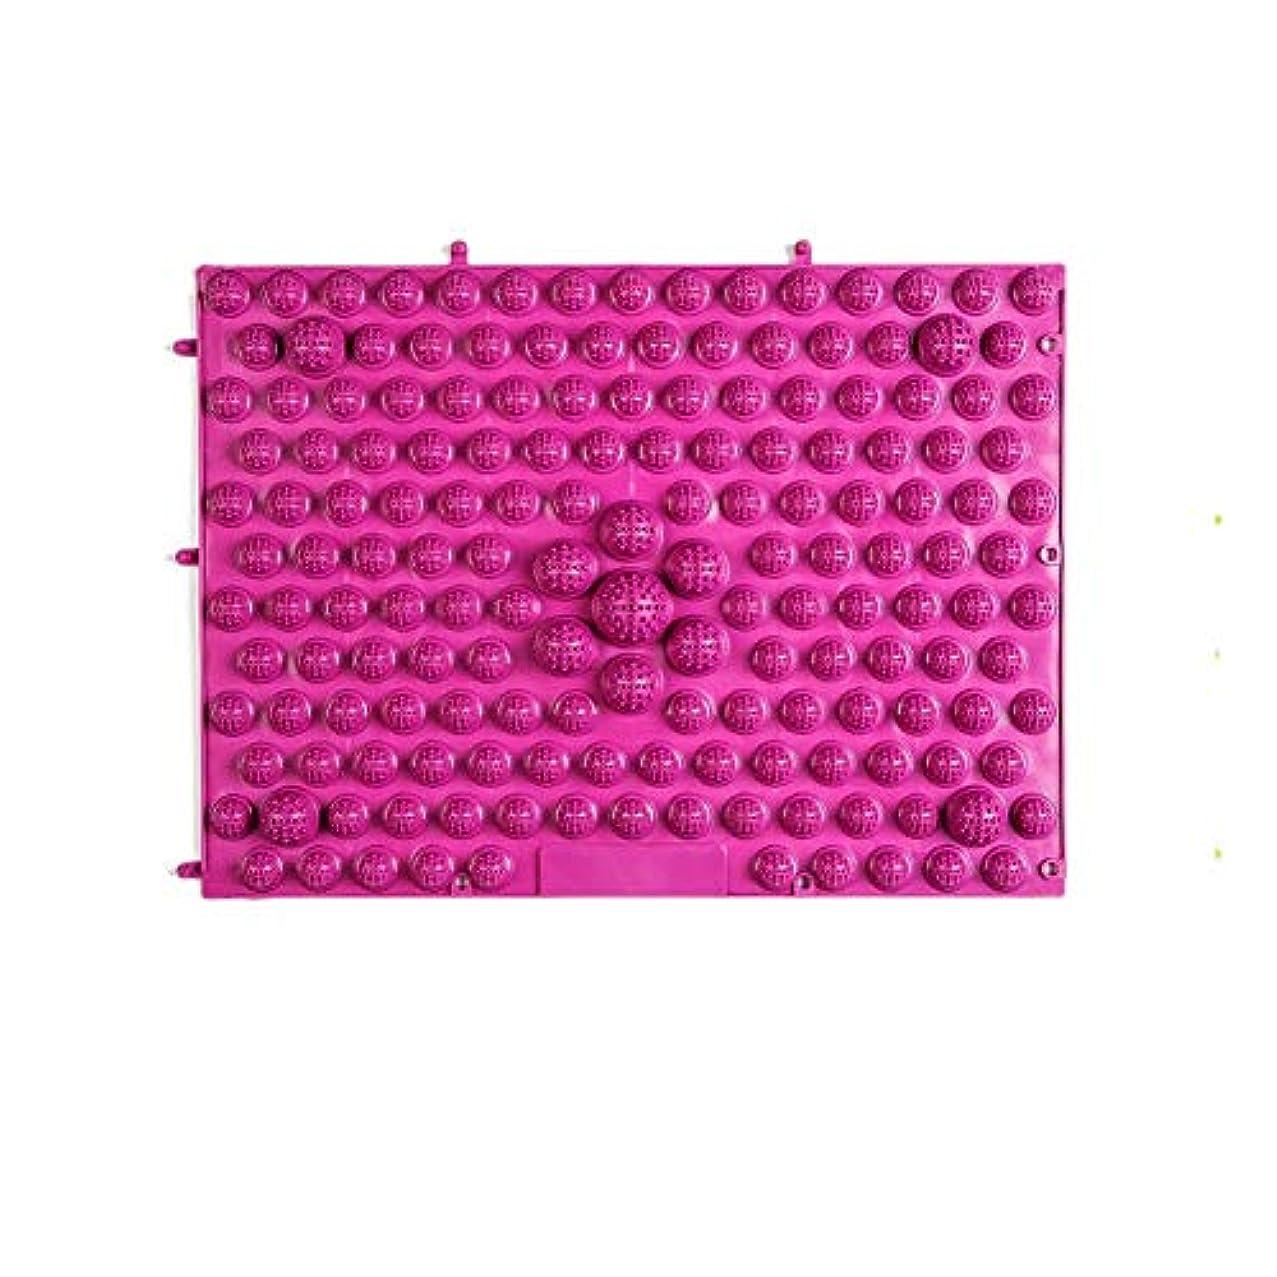 シリーズ銛ハウジングウォークマット 裏板セット(ABS樹脂製補強板付き) (レッド)